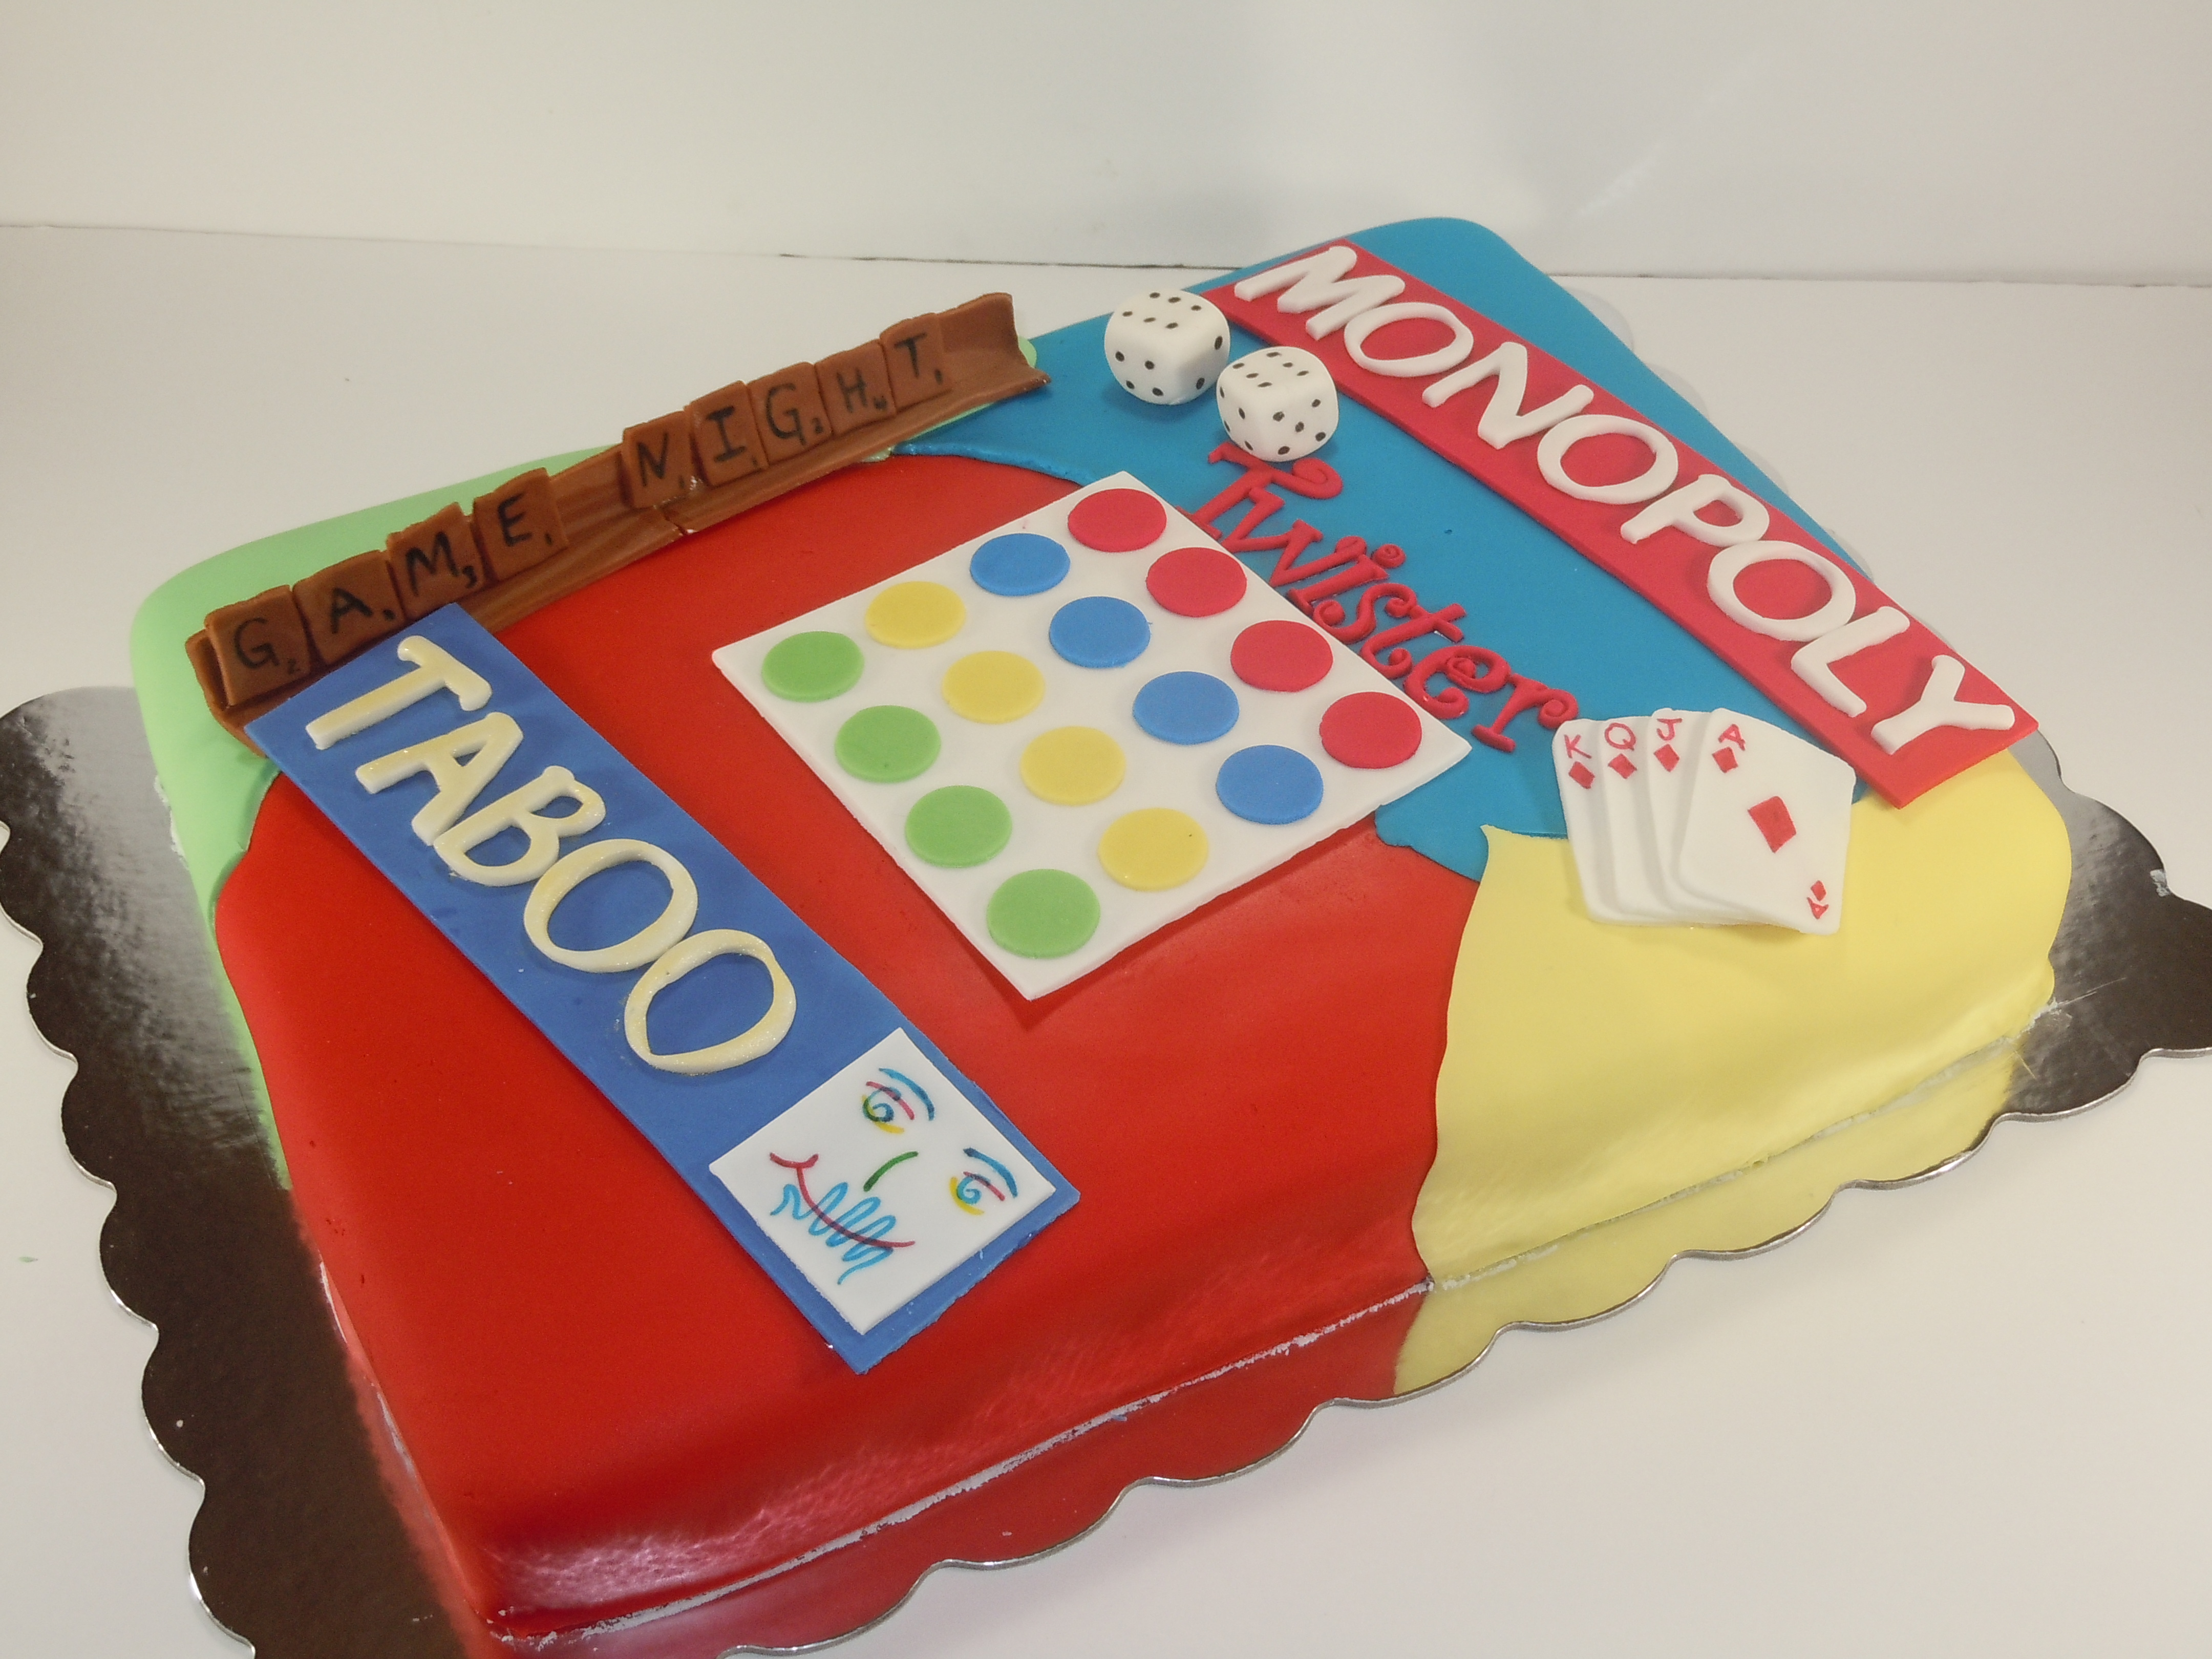 Game night cake